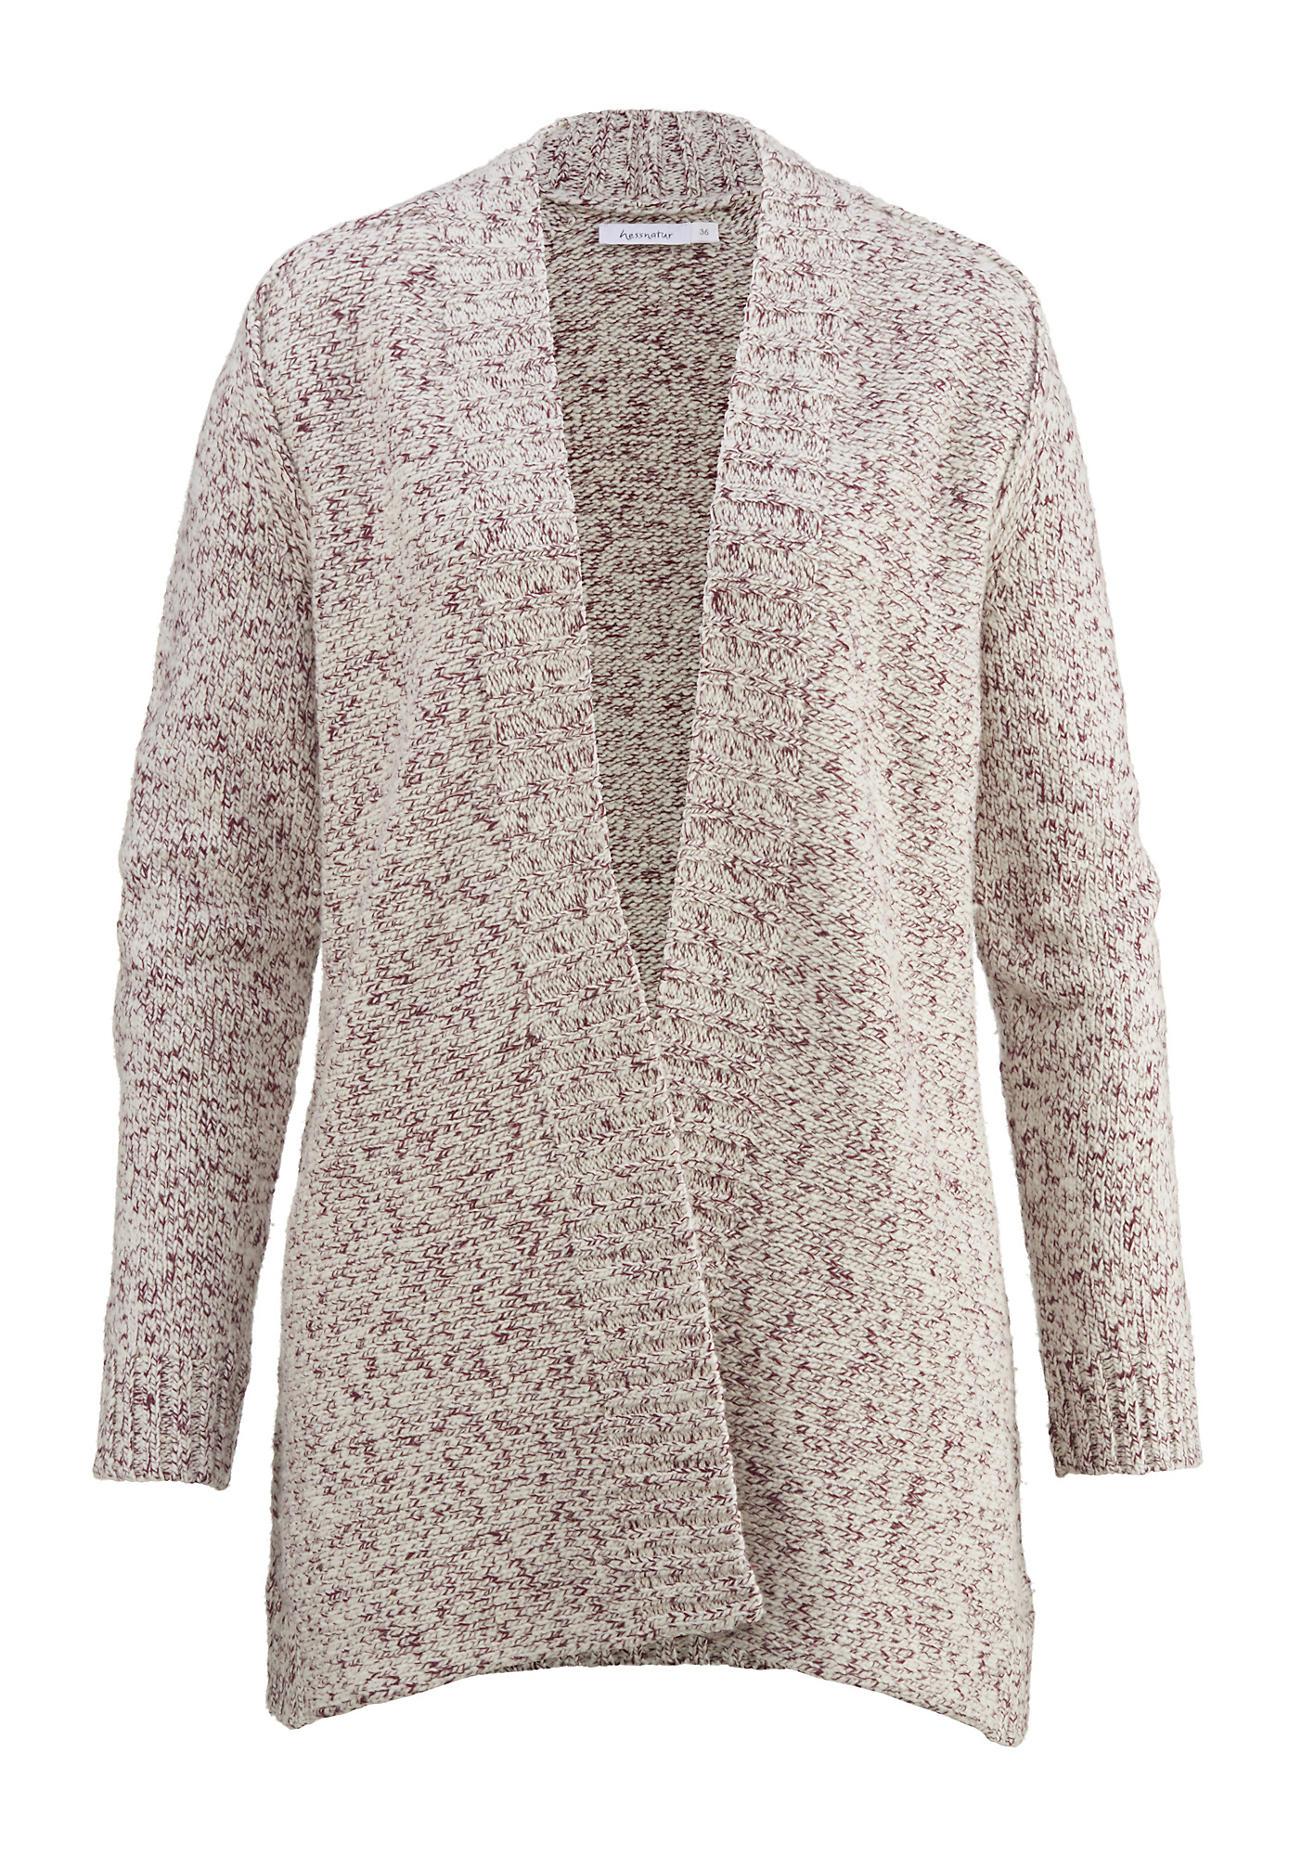 Jacken für Frauen - hessnatur Damen Strickjacke aus Schurwolle mit Bio Baumwolle – rot –  - Onlineshop Hessnatur